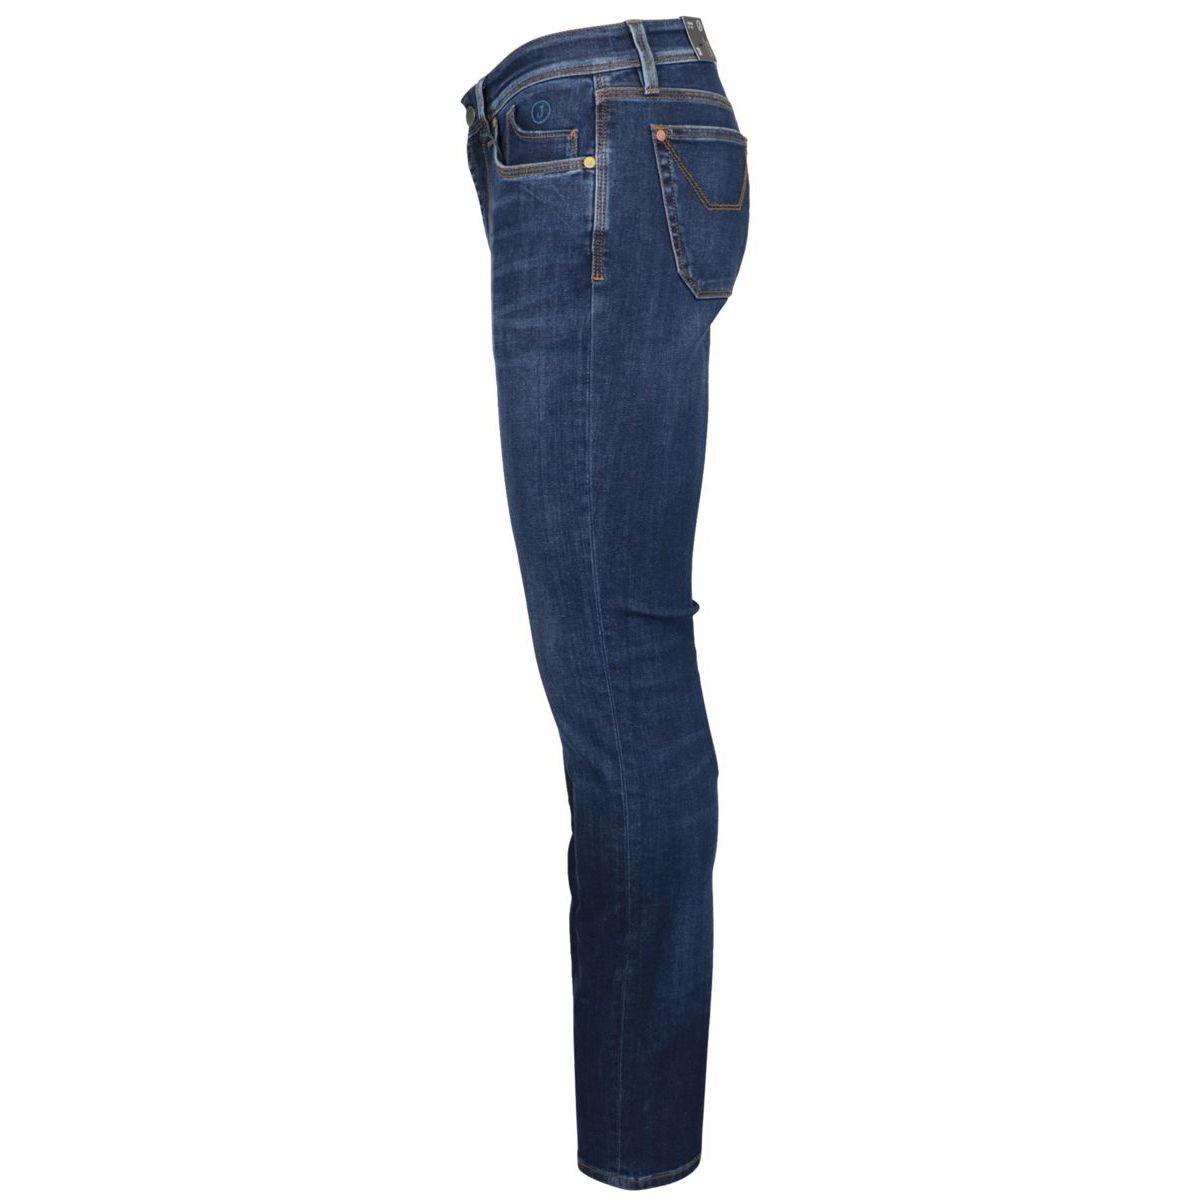 Slim 3Blend slim jeans in cotton Dark denim Jeckerson